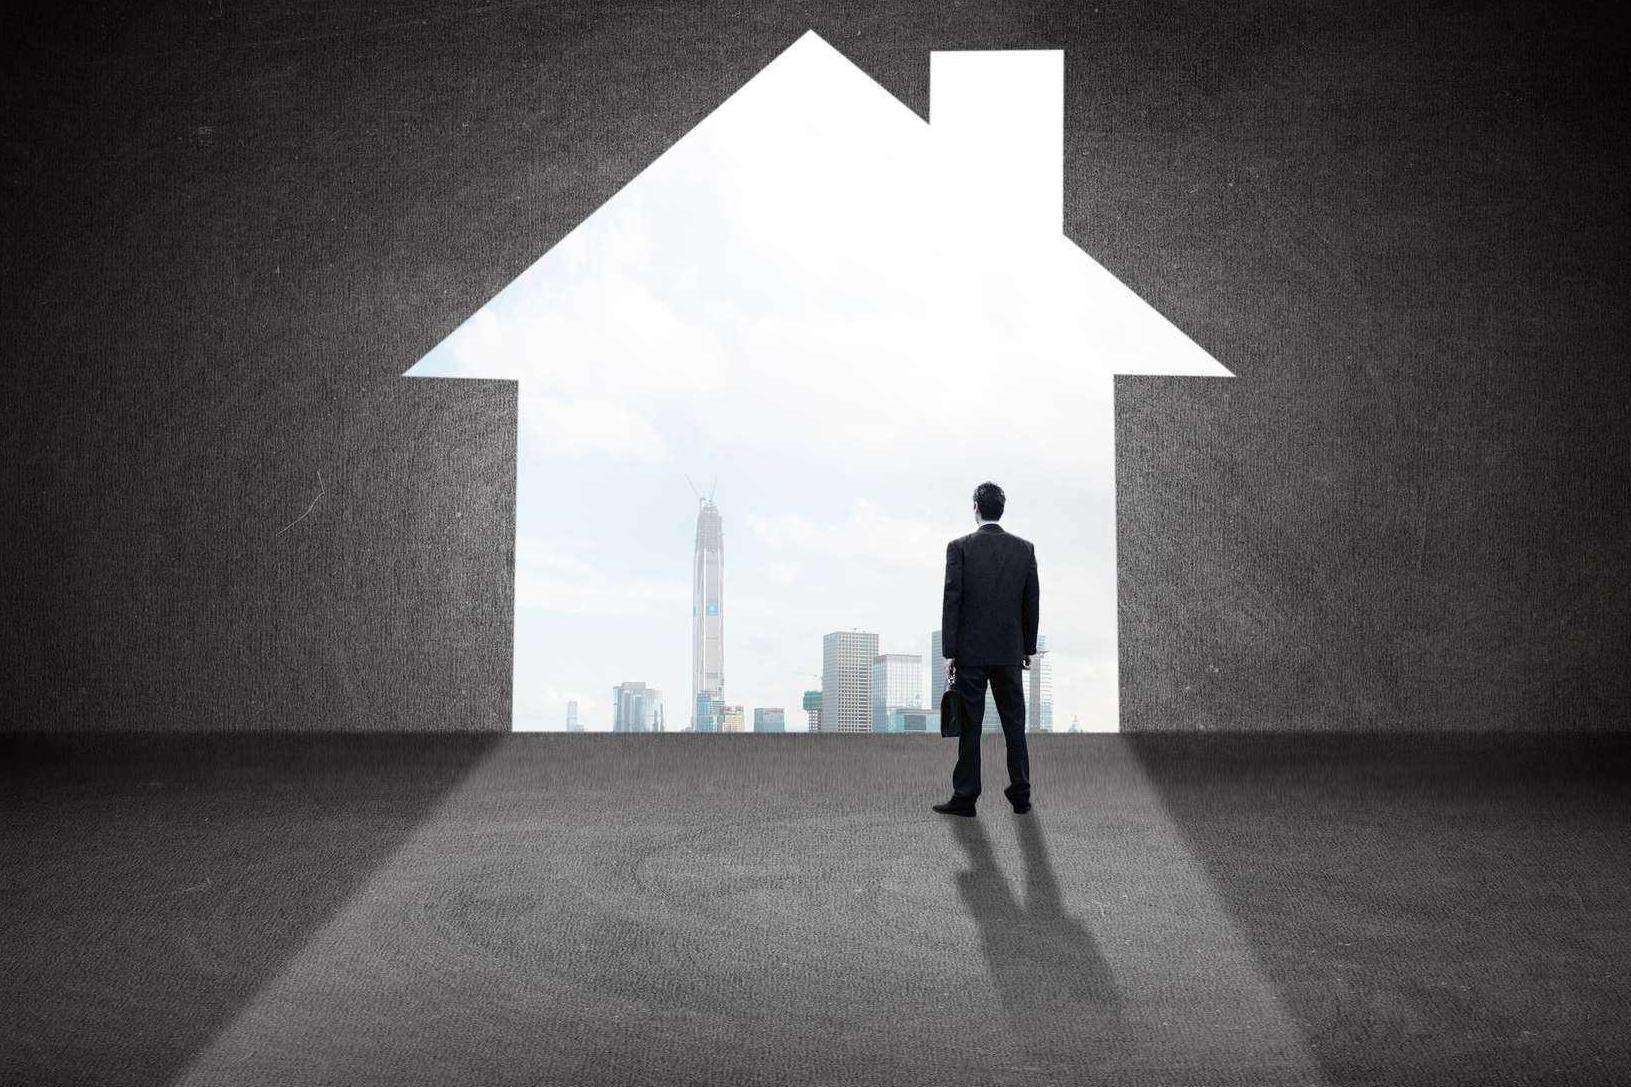 热点城市租金止涨回稳 专家:租金或步入下行周期